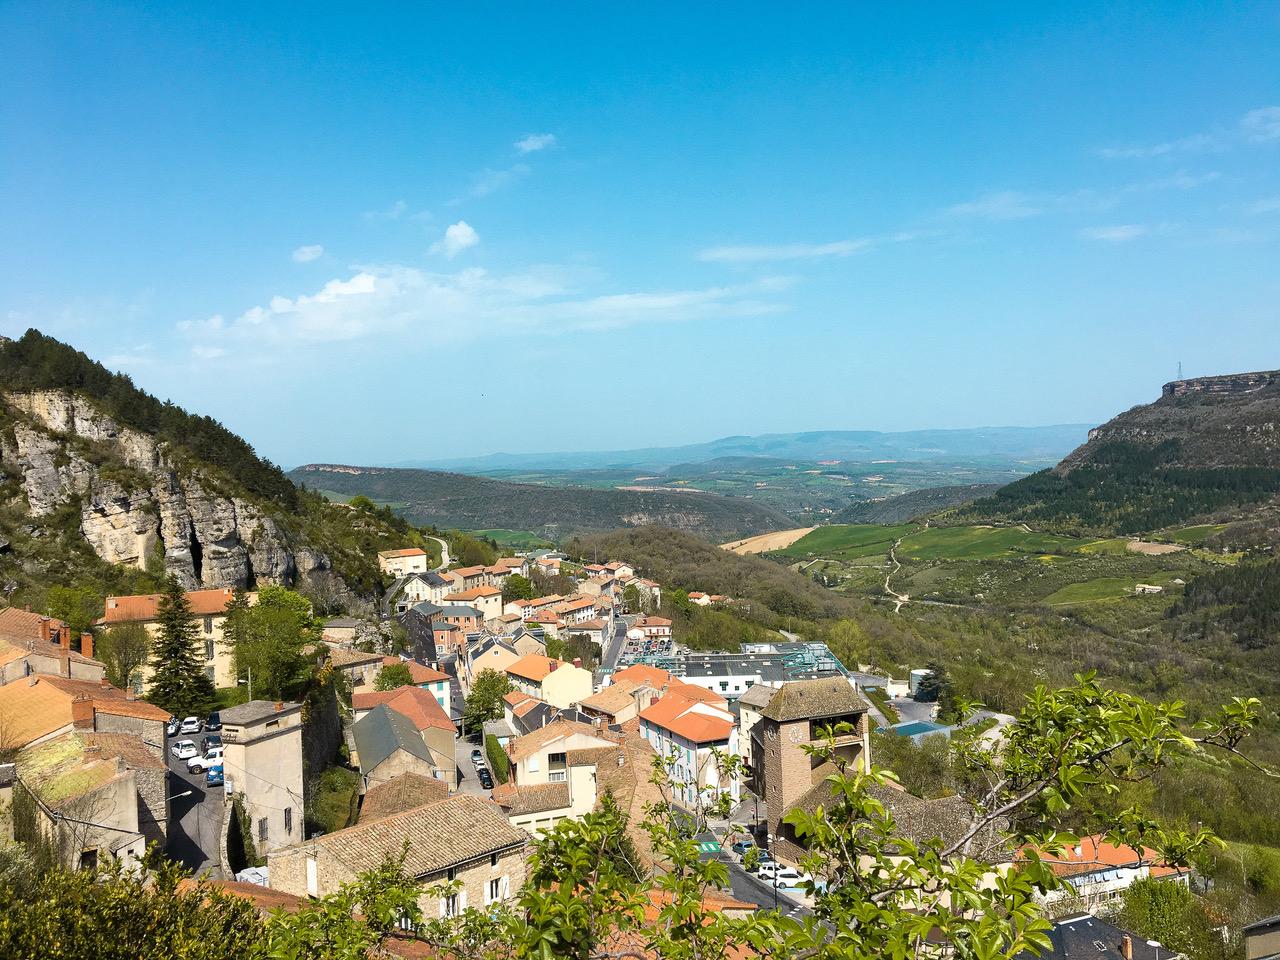 Le salon des blogueurs avait lieu dans la région de l'Aveyron dans le sud de la France.